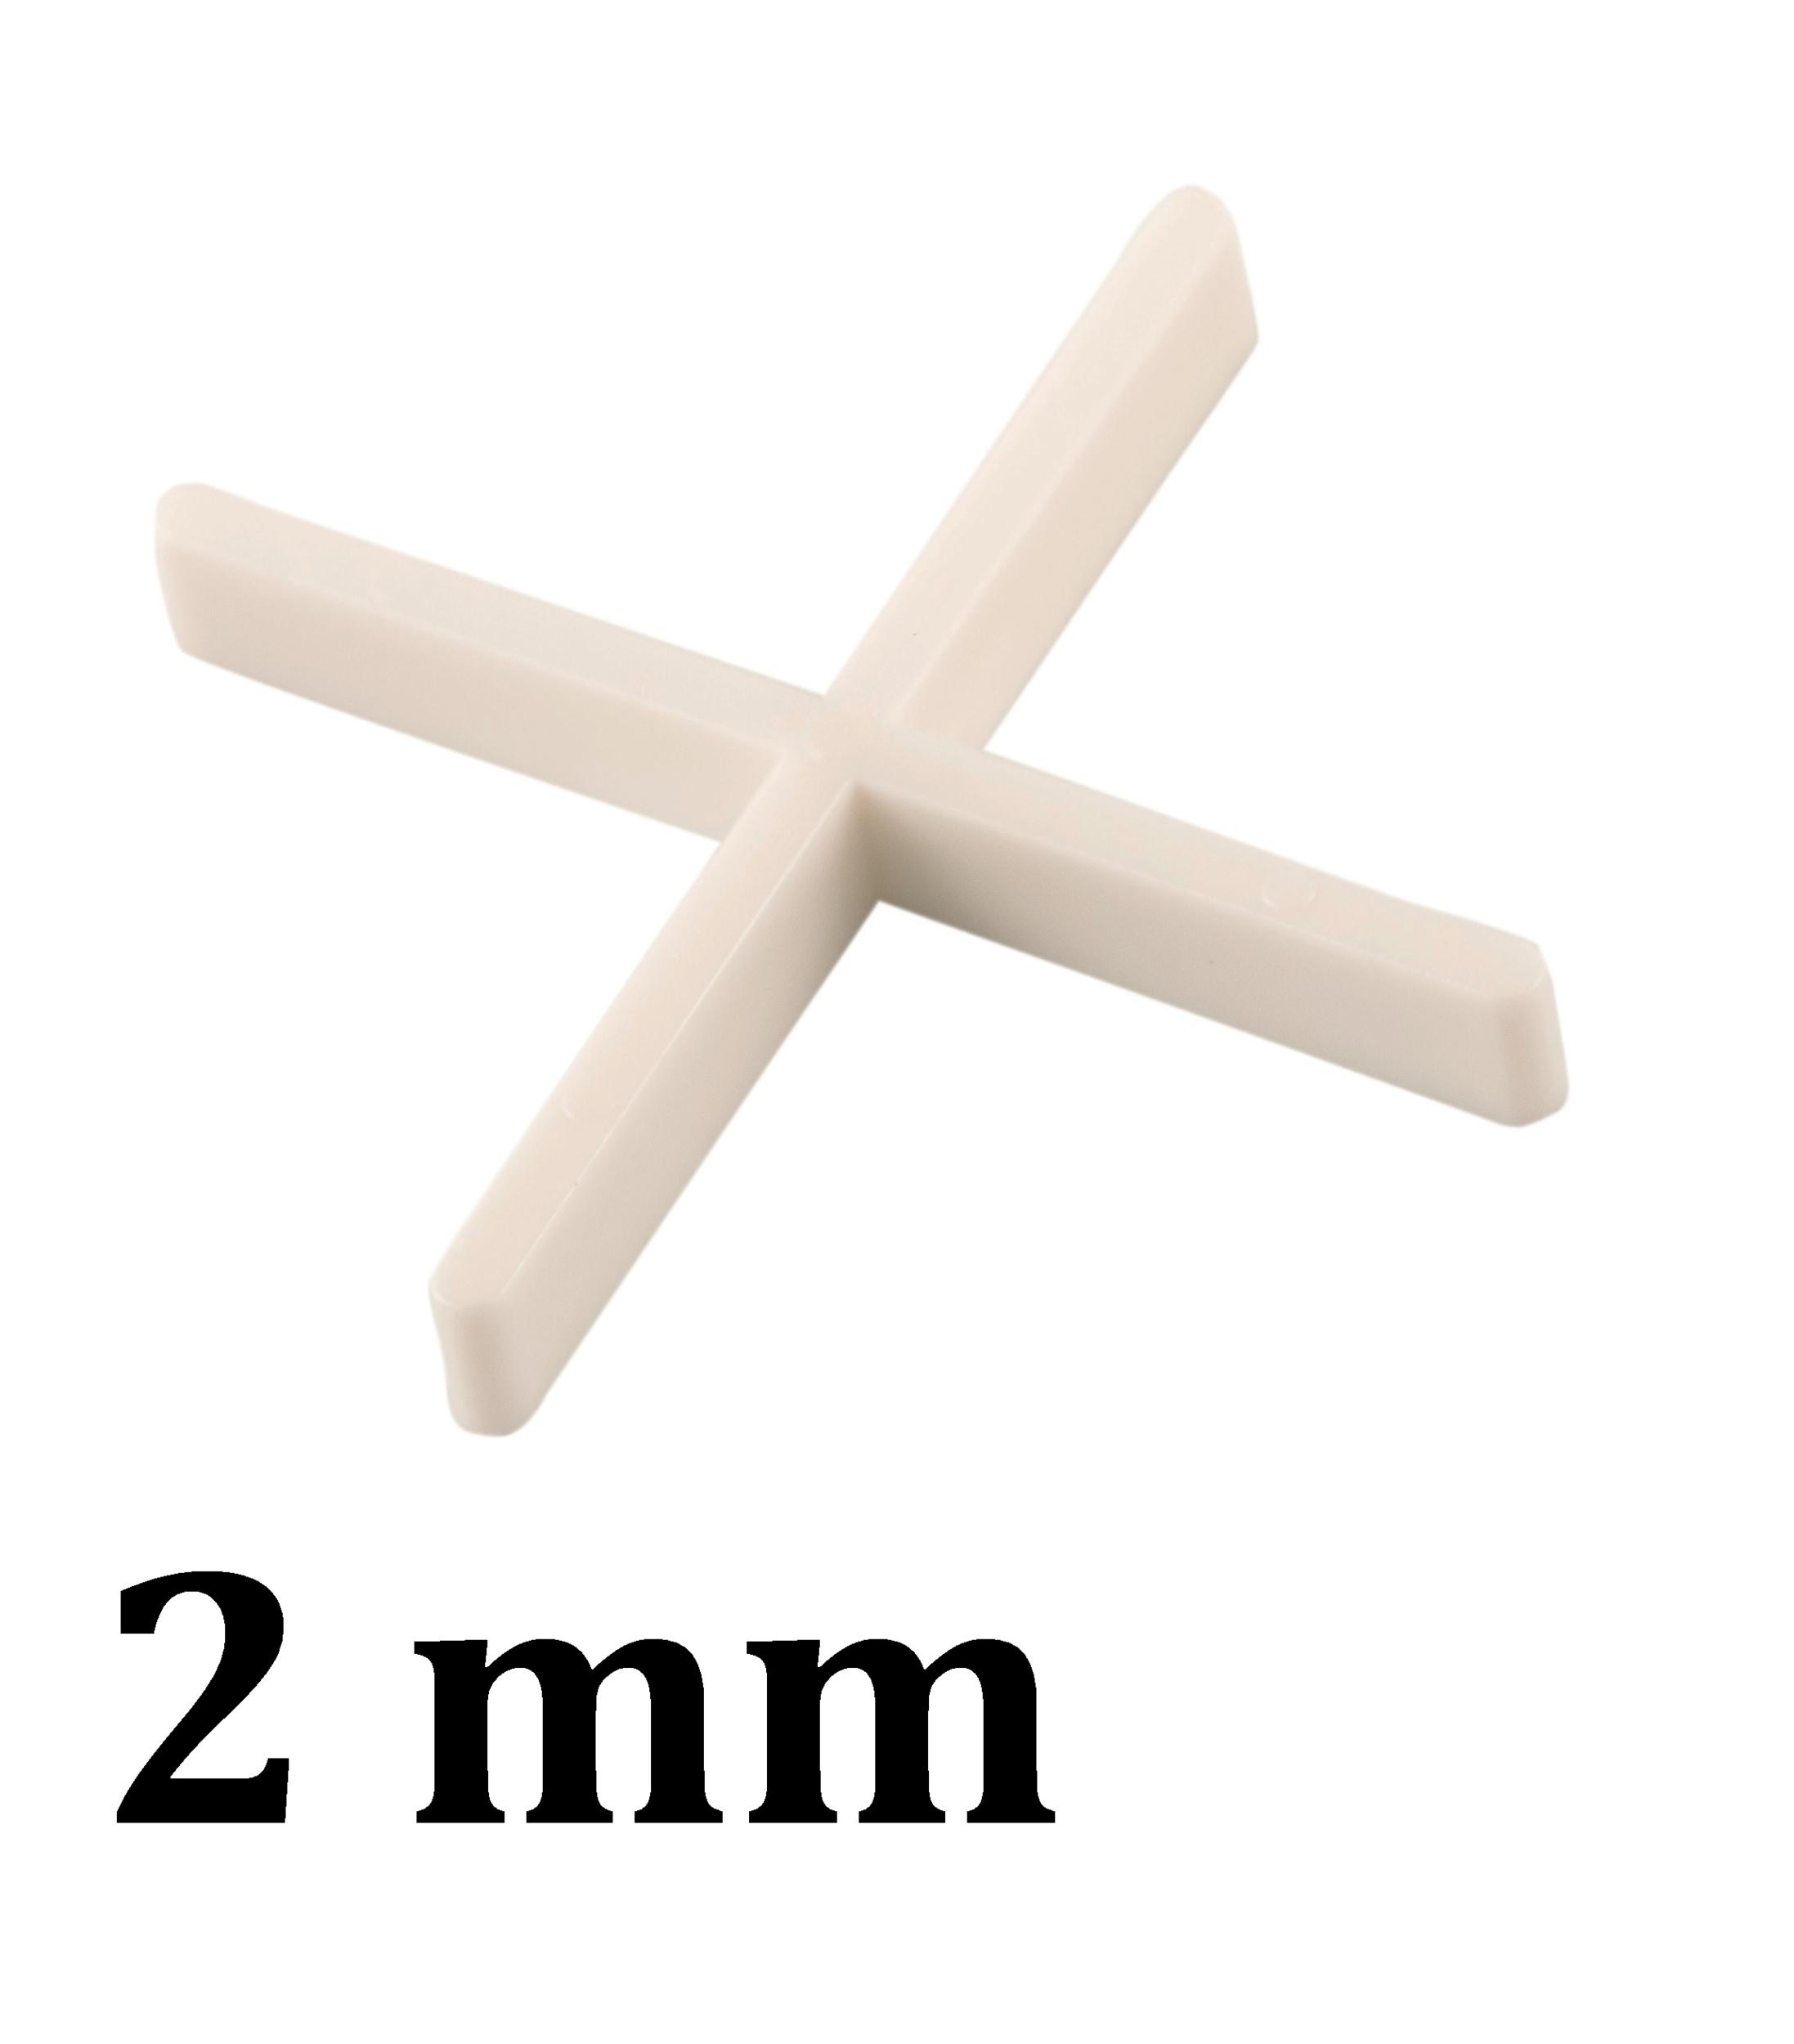 Croisillon carrelage 2,0 mm, en croix